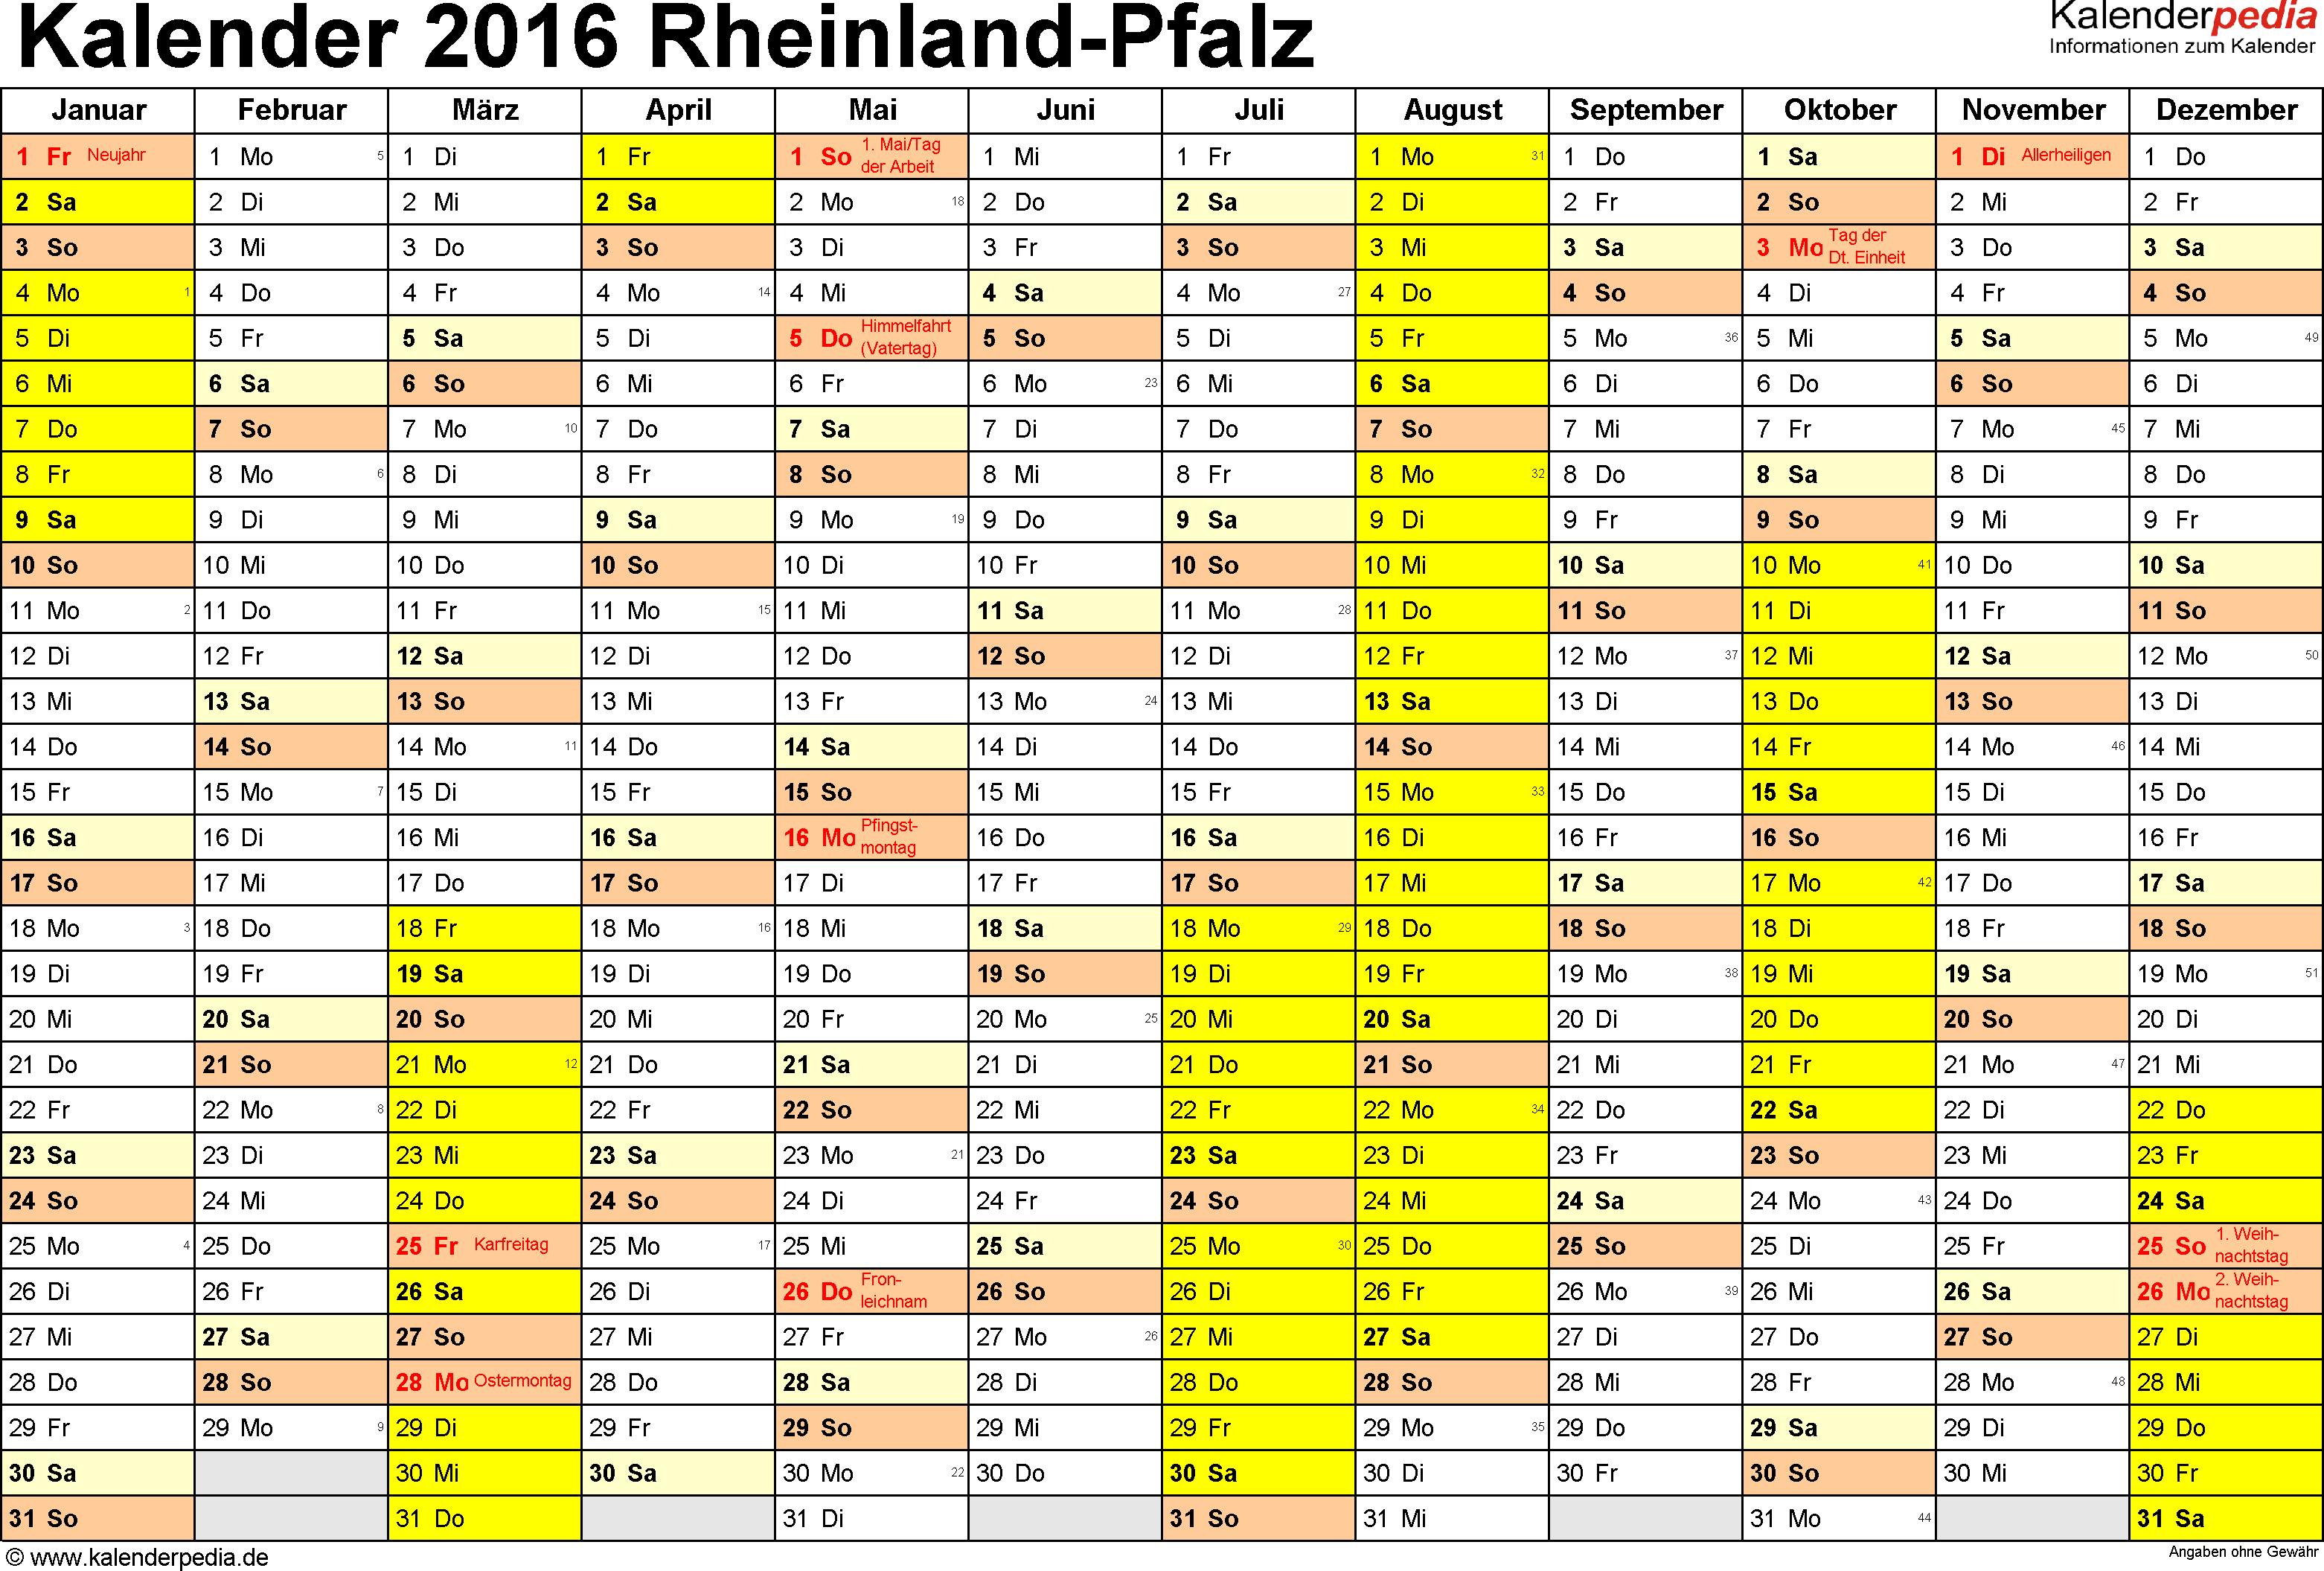 Vorlage 1: Kalender 2016 für Rheinland-Pfalz als Excel-Vorlagen (Querformat, 1 Seite)